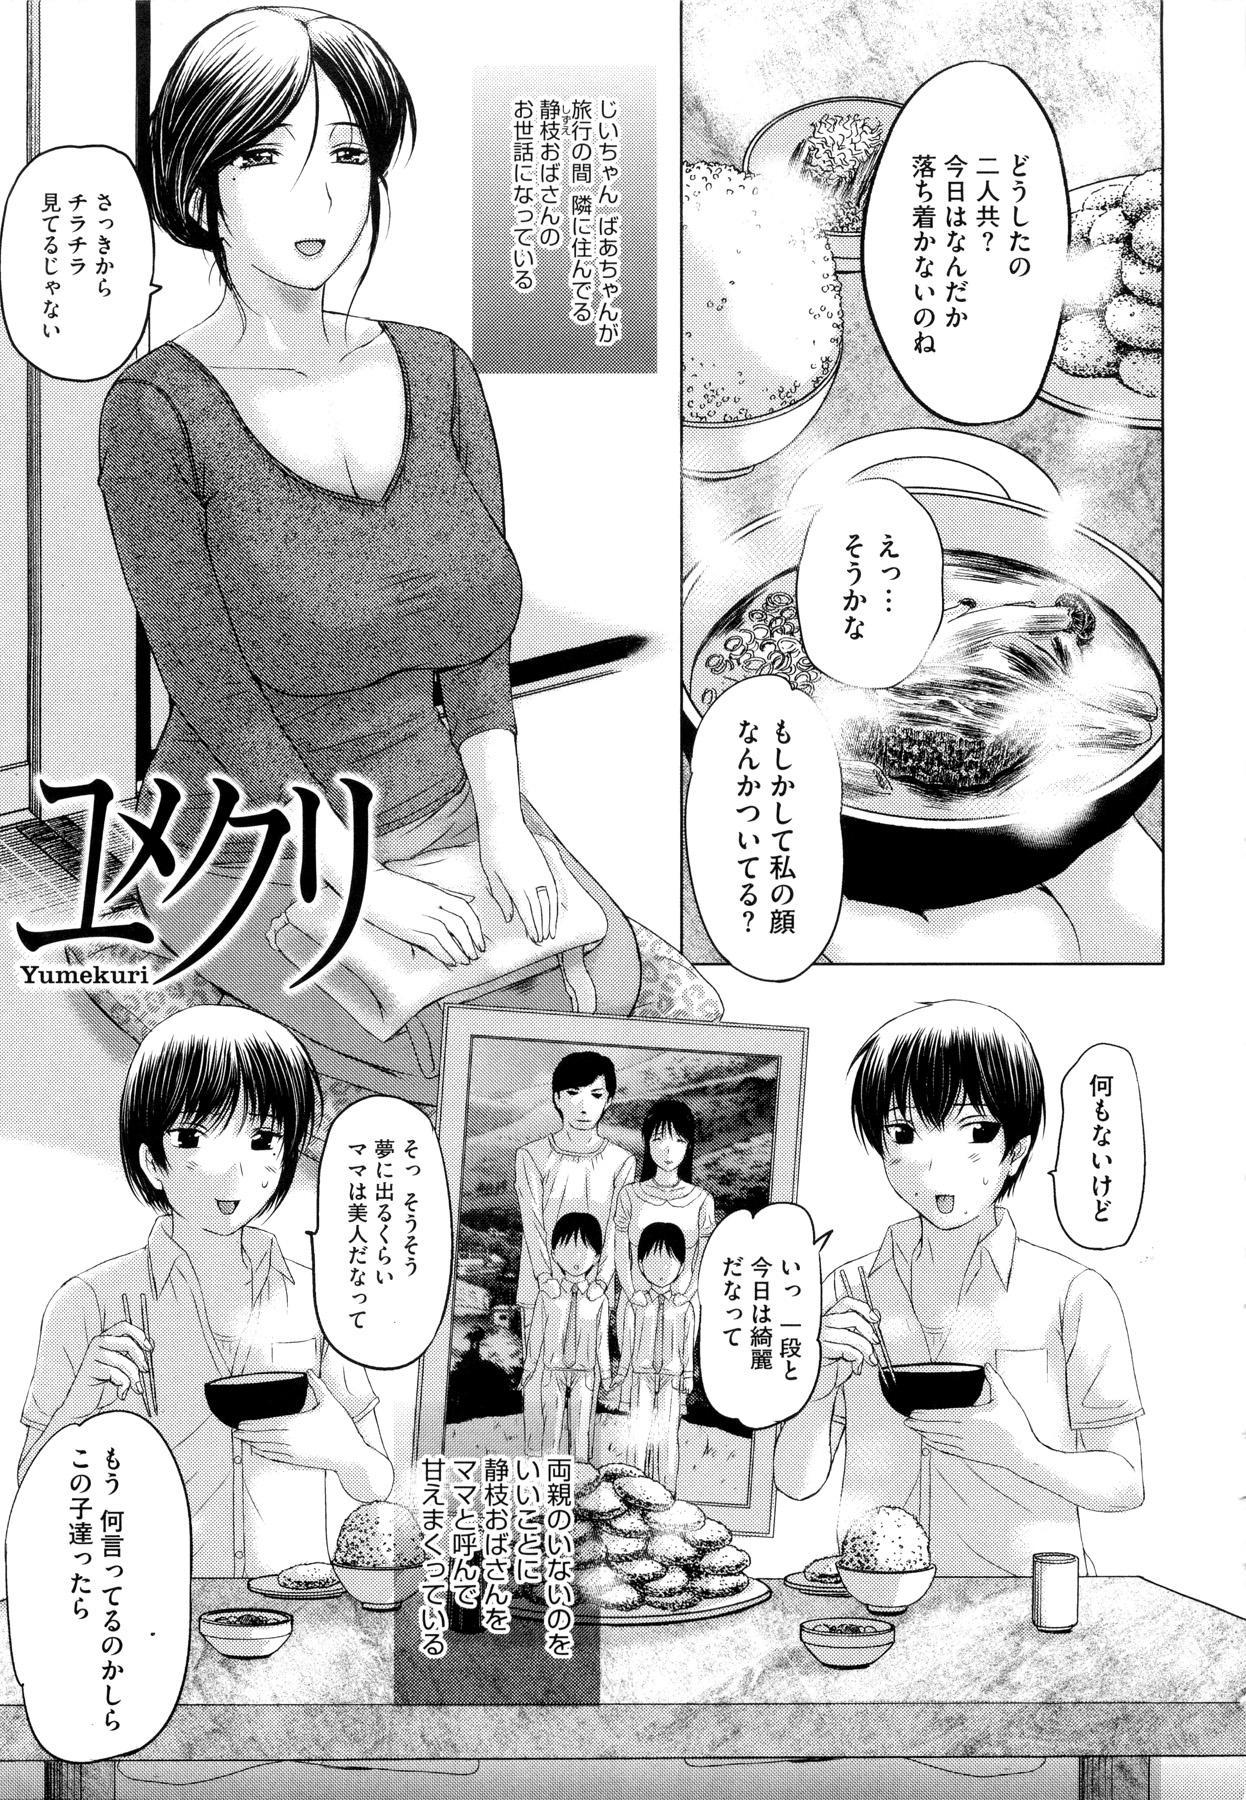 Sonotoki, Kanojo wa... 192